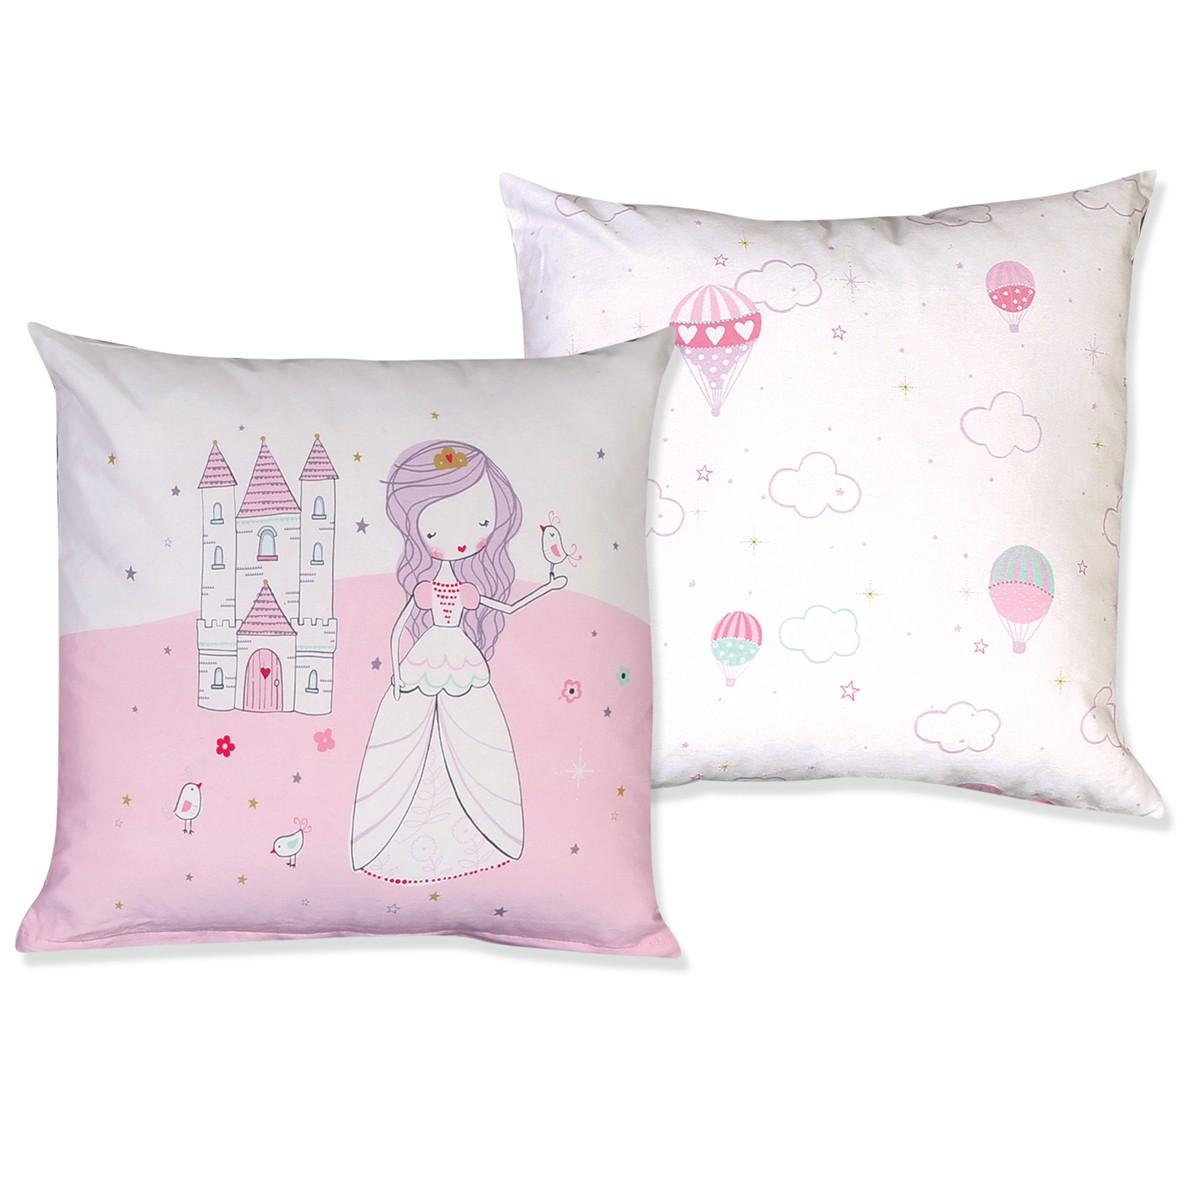 Διακοσμητικό Μαξιλάρι Nef-Nef Junior Charm Princess